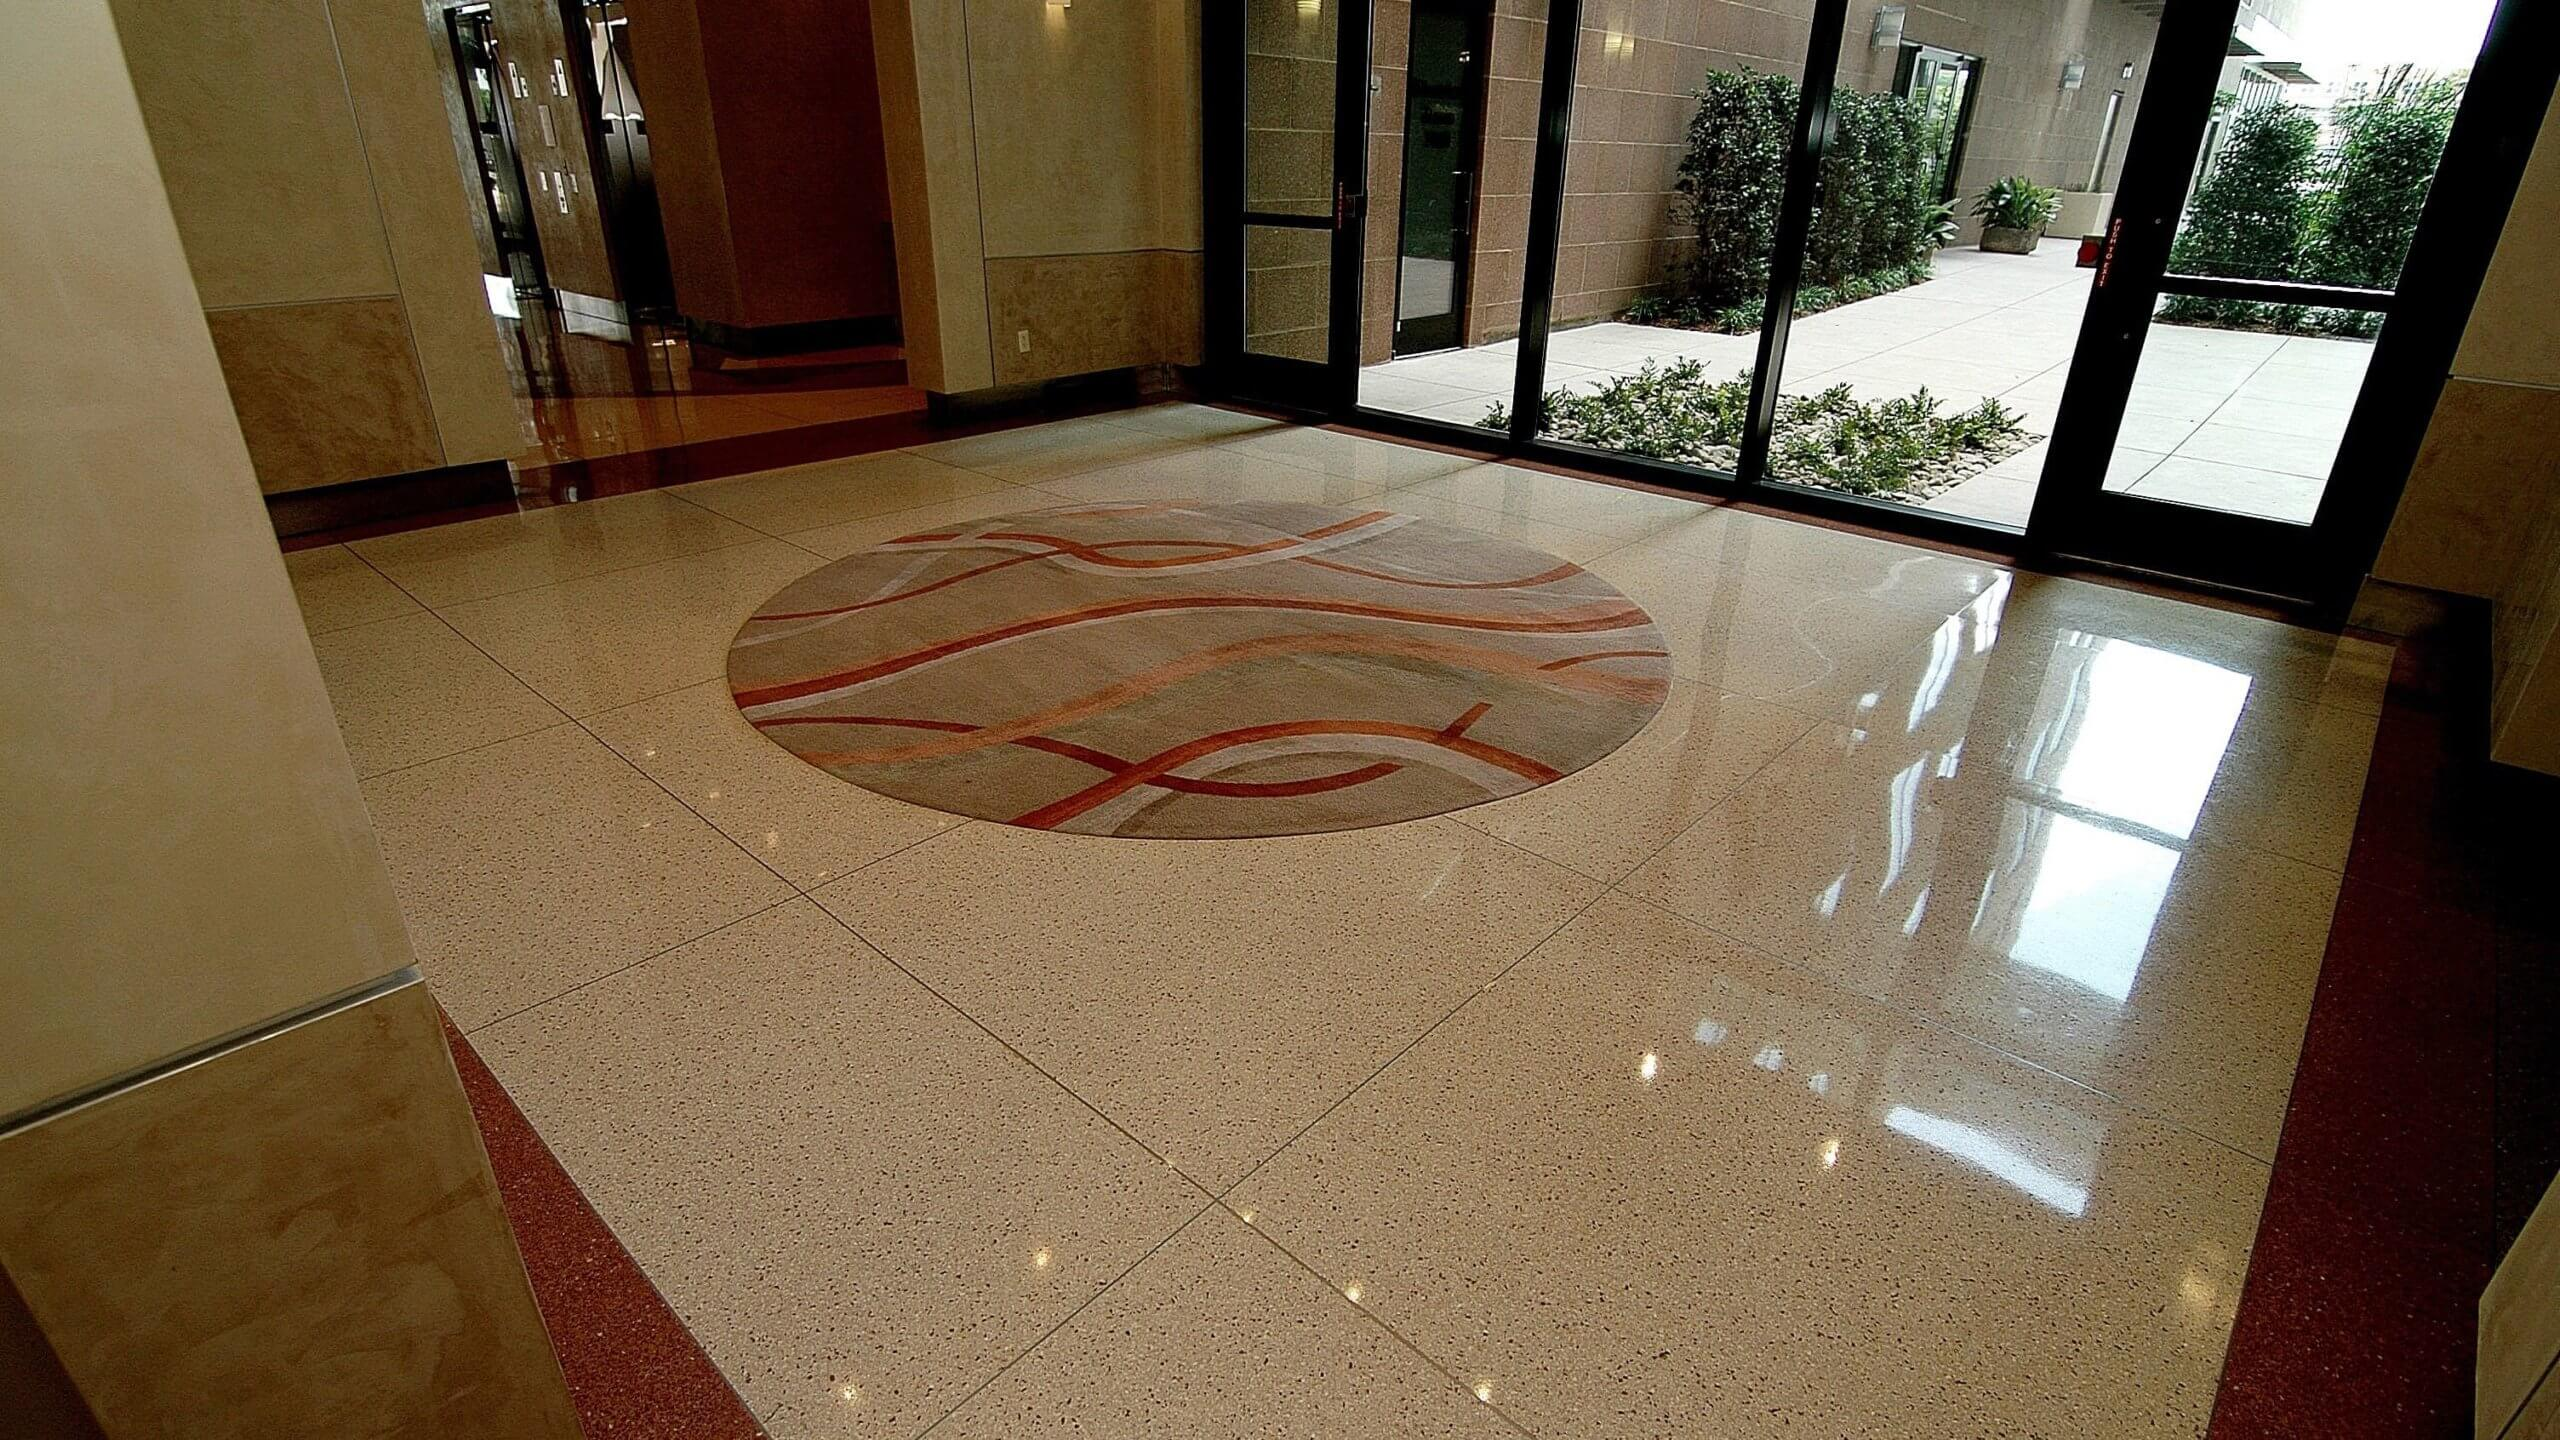 Terrazzo Flooring at a Condominium Building